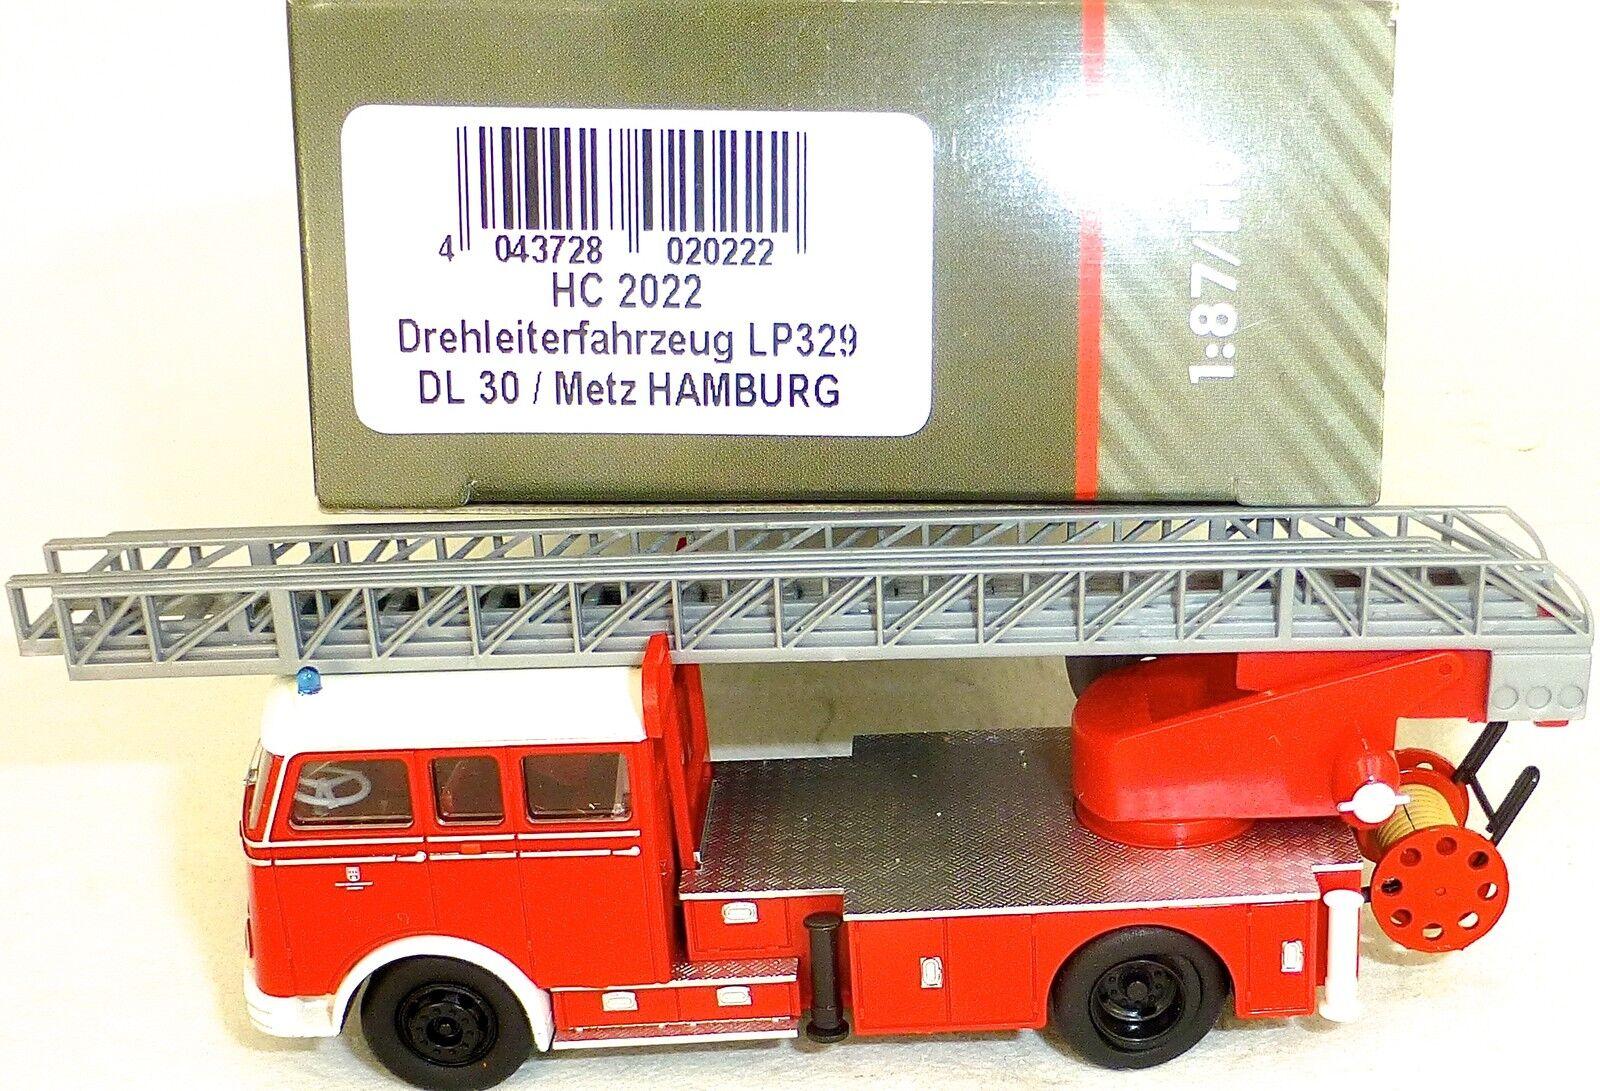 Drehleiterfahrzeug lp329 dl30 metz hamburg von heico hc2022 ovp neu µ